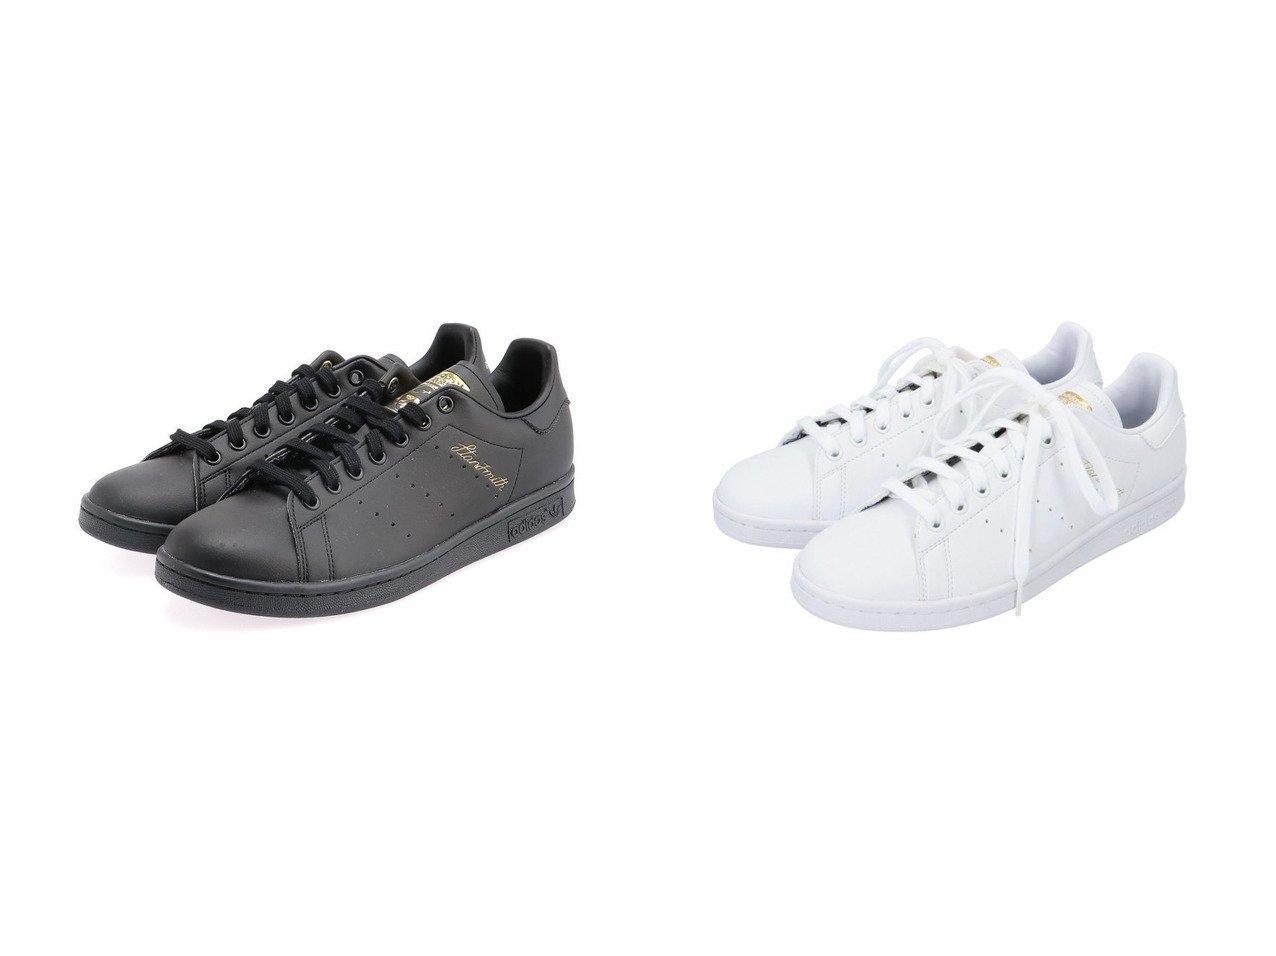 【adidas Originals/アディダス オリジナルス】のスタンスミス STAN SMITH アディダスオリジナルス おすすめ!人気、トレンド・レディースファッションの通販 おすすめで人気の流行・トレンド、ファッションの通販商品 インテリア・家具・メンズファッション・キッズファッション・レディースファッション・服の通販 founy(ファニー) https://founy.com/ ファッション Fashion レディースファッション WOMEN 今季 シューズ スタイリッシュ スニーカー スポーツ スリッポン 定番 Standard ミックス メタリック 再入荷 Restock/Back in Stock/Re Arrival |ID:crp329100000067599